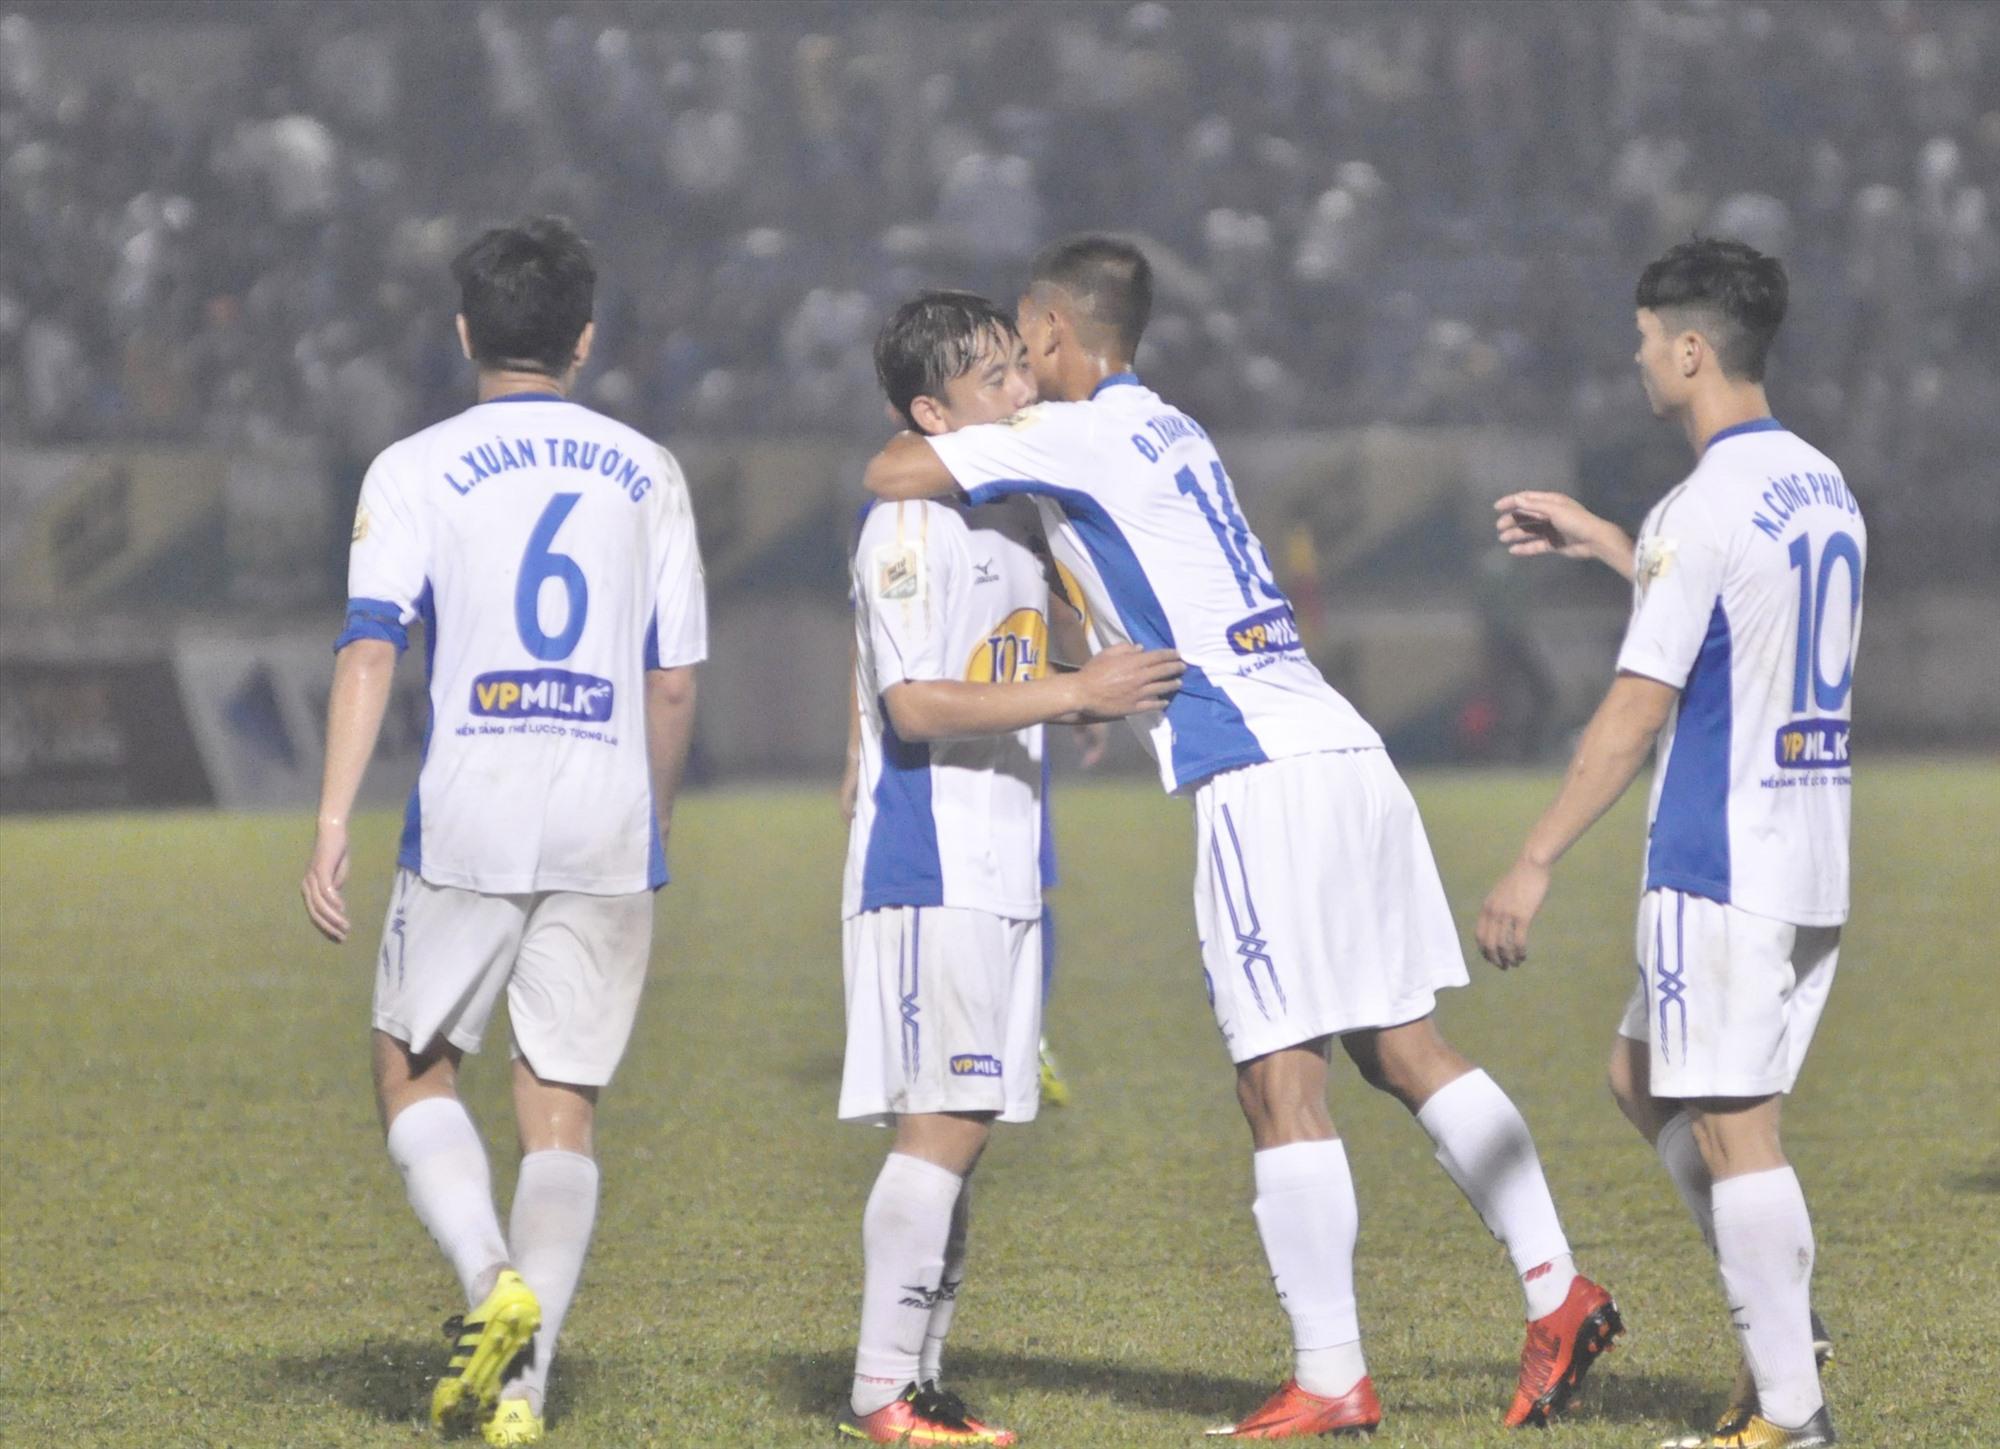 Hoàng Anh Gia Lai không được trao cúp vô địch dù đang dẫn đầu bảng xếp hạng. Ảnh: A.S